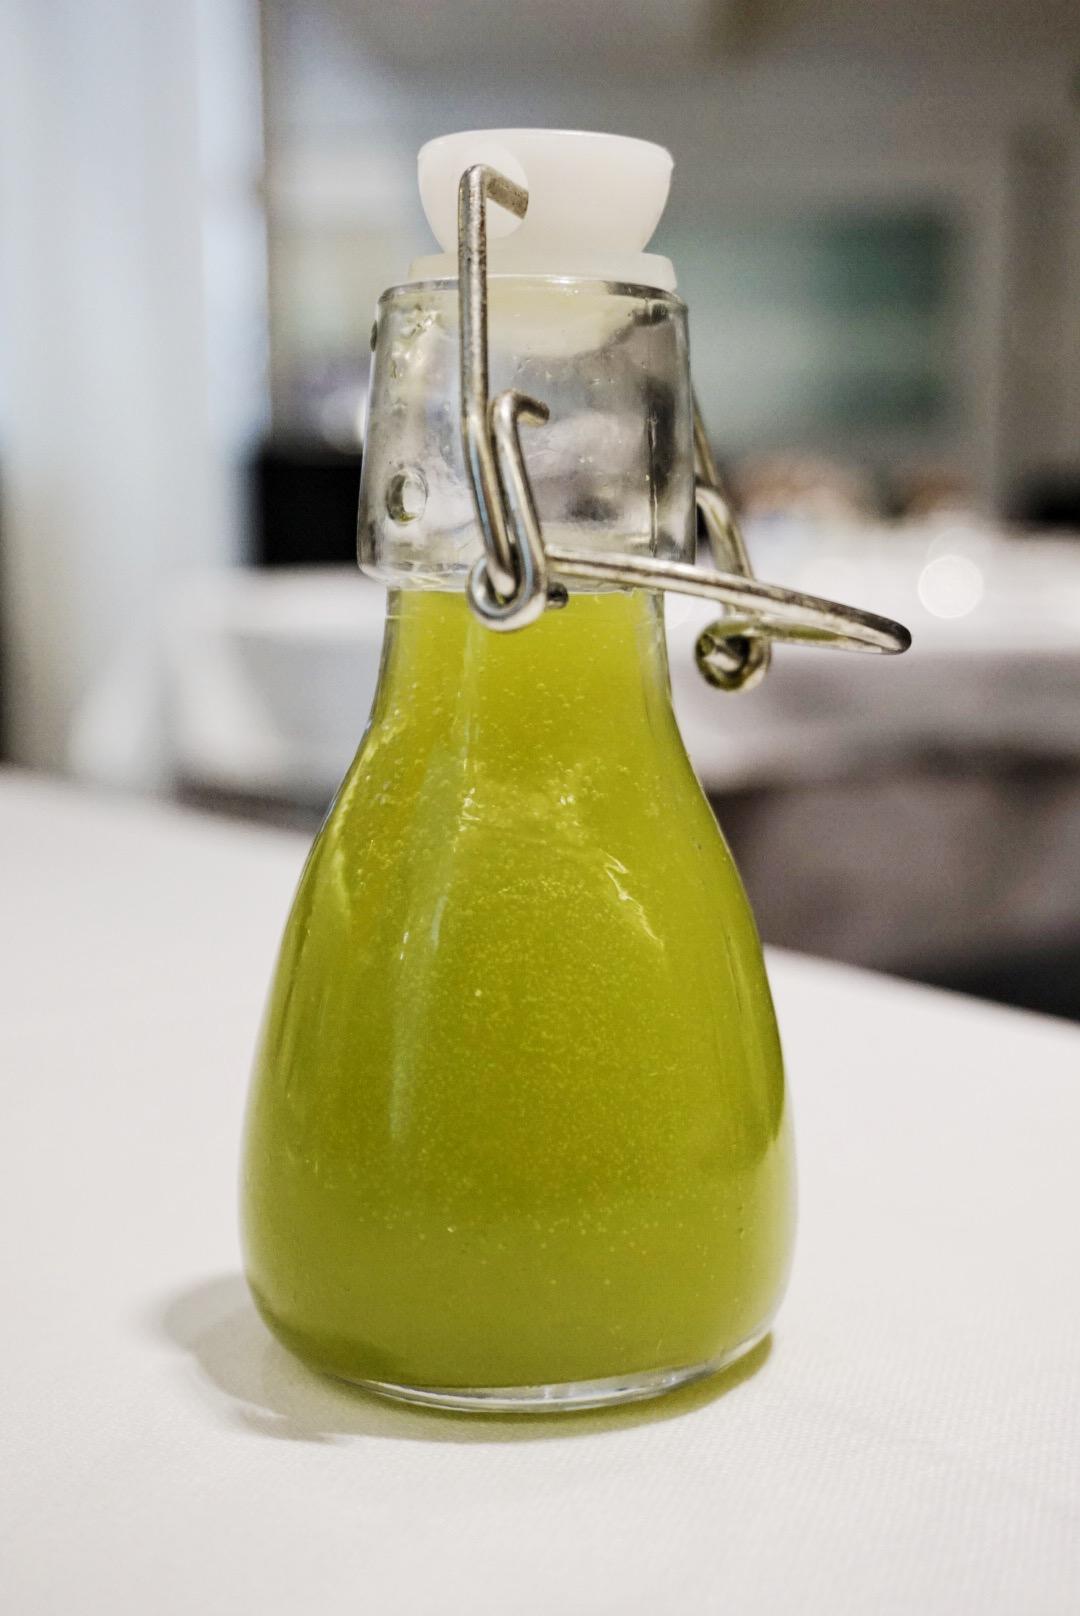 Cold-pressed detox juice, brunch at Les Delicies, Barcelona